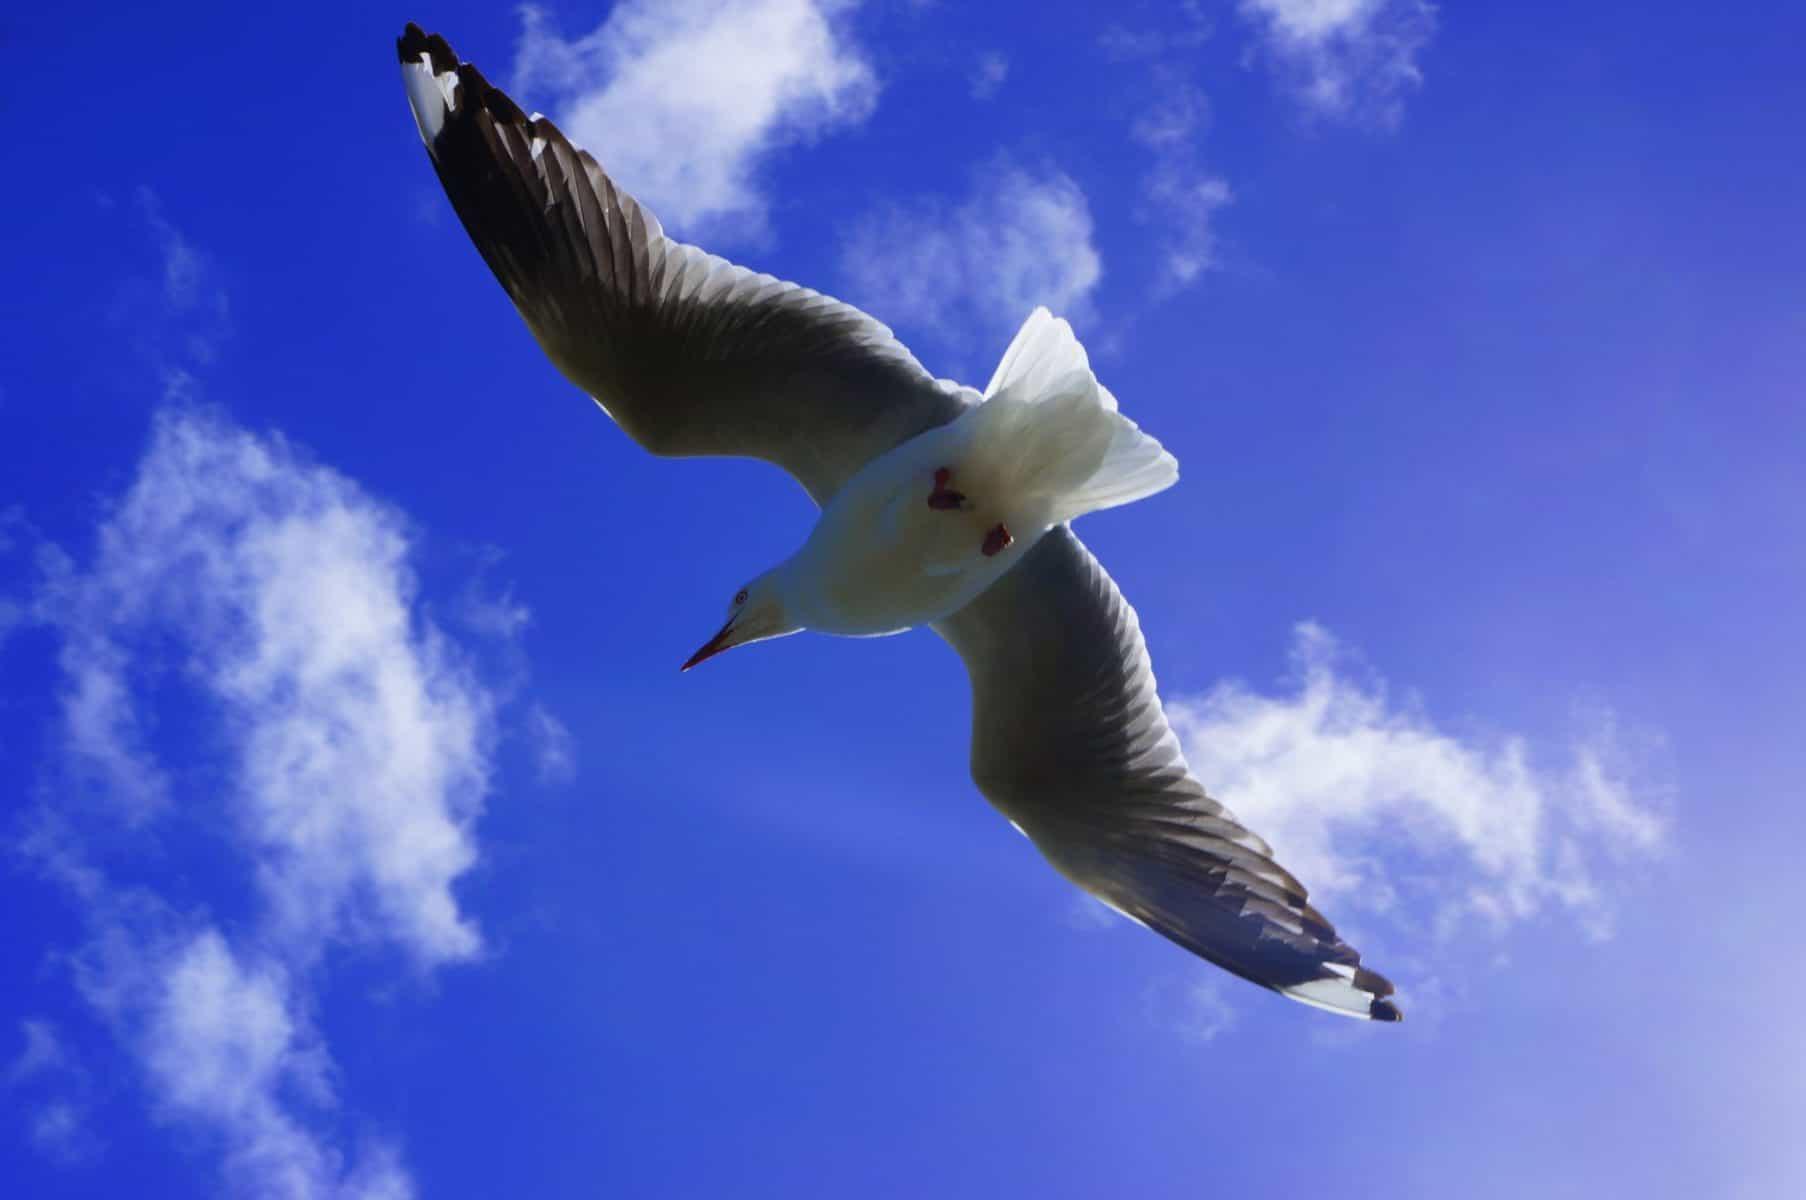 Vogel fliegt in der Luft